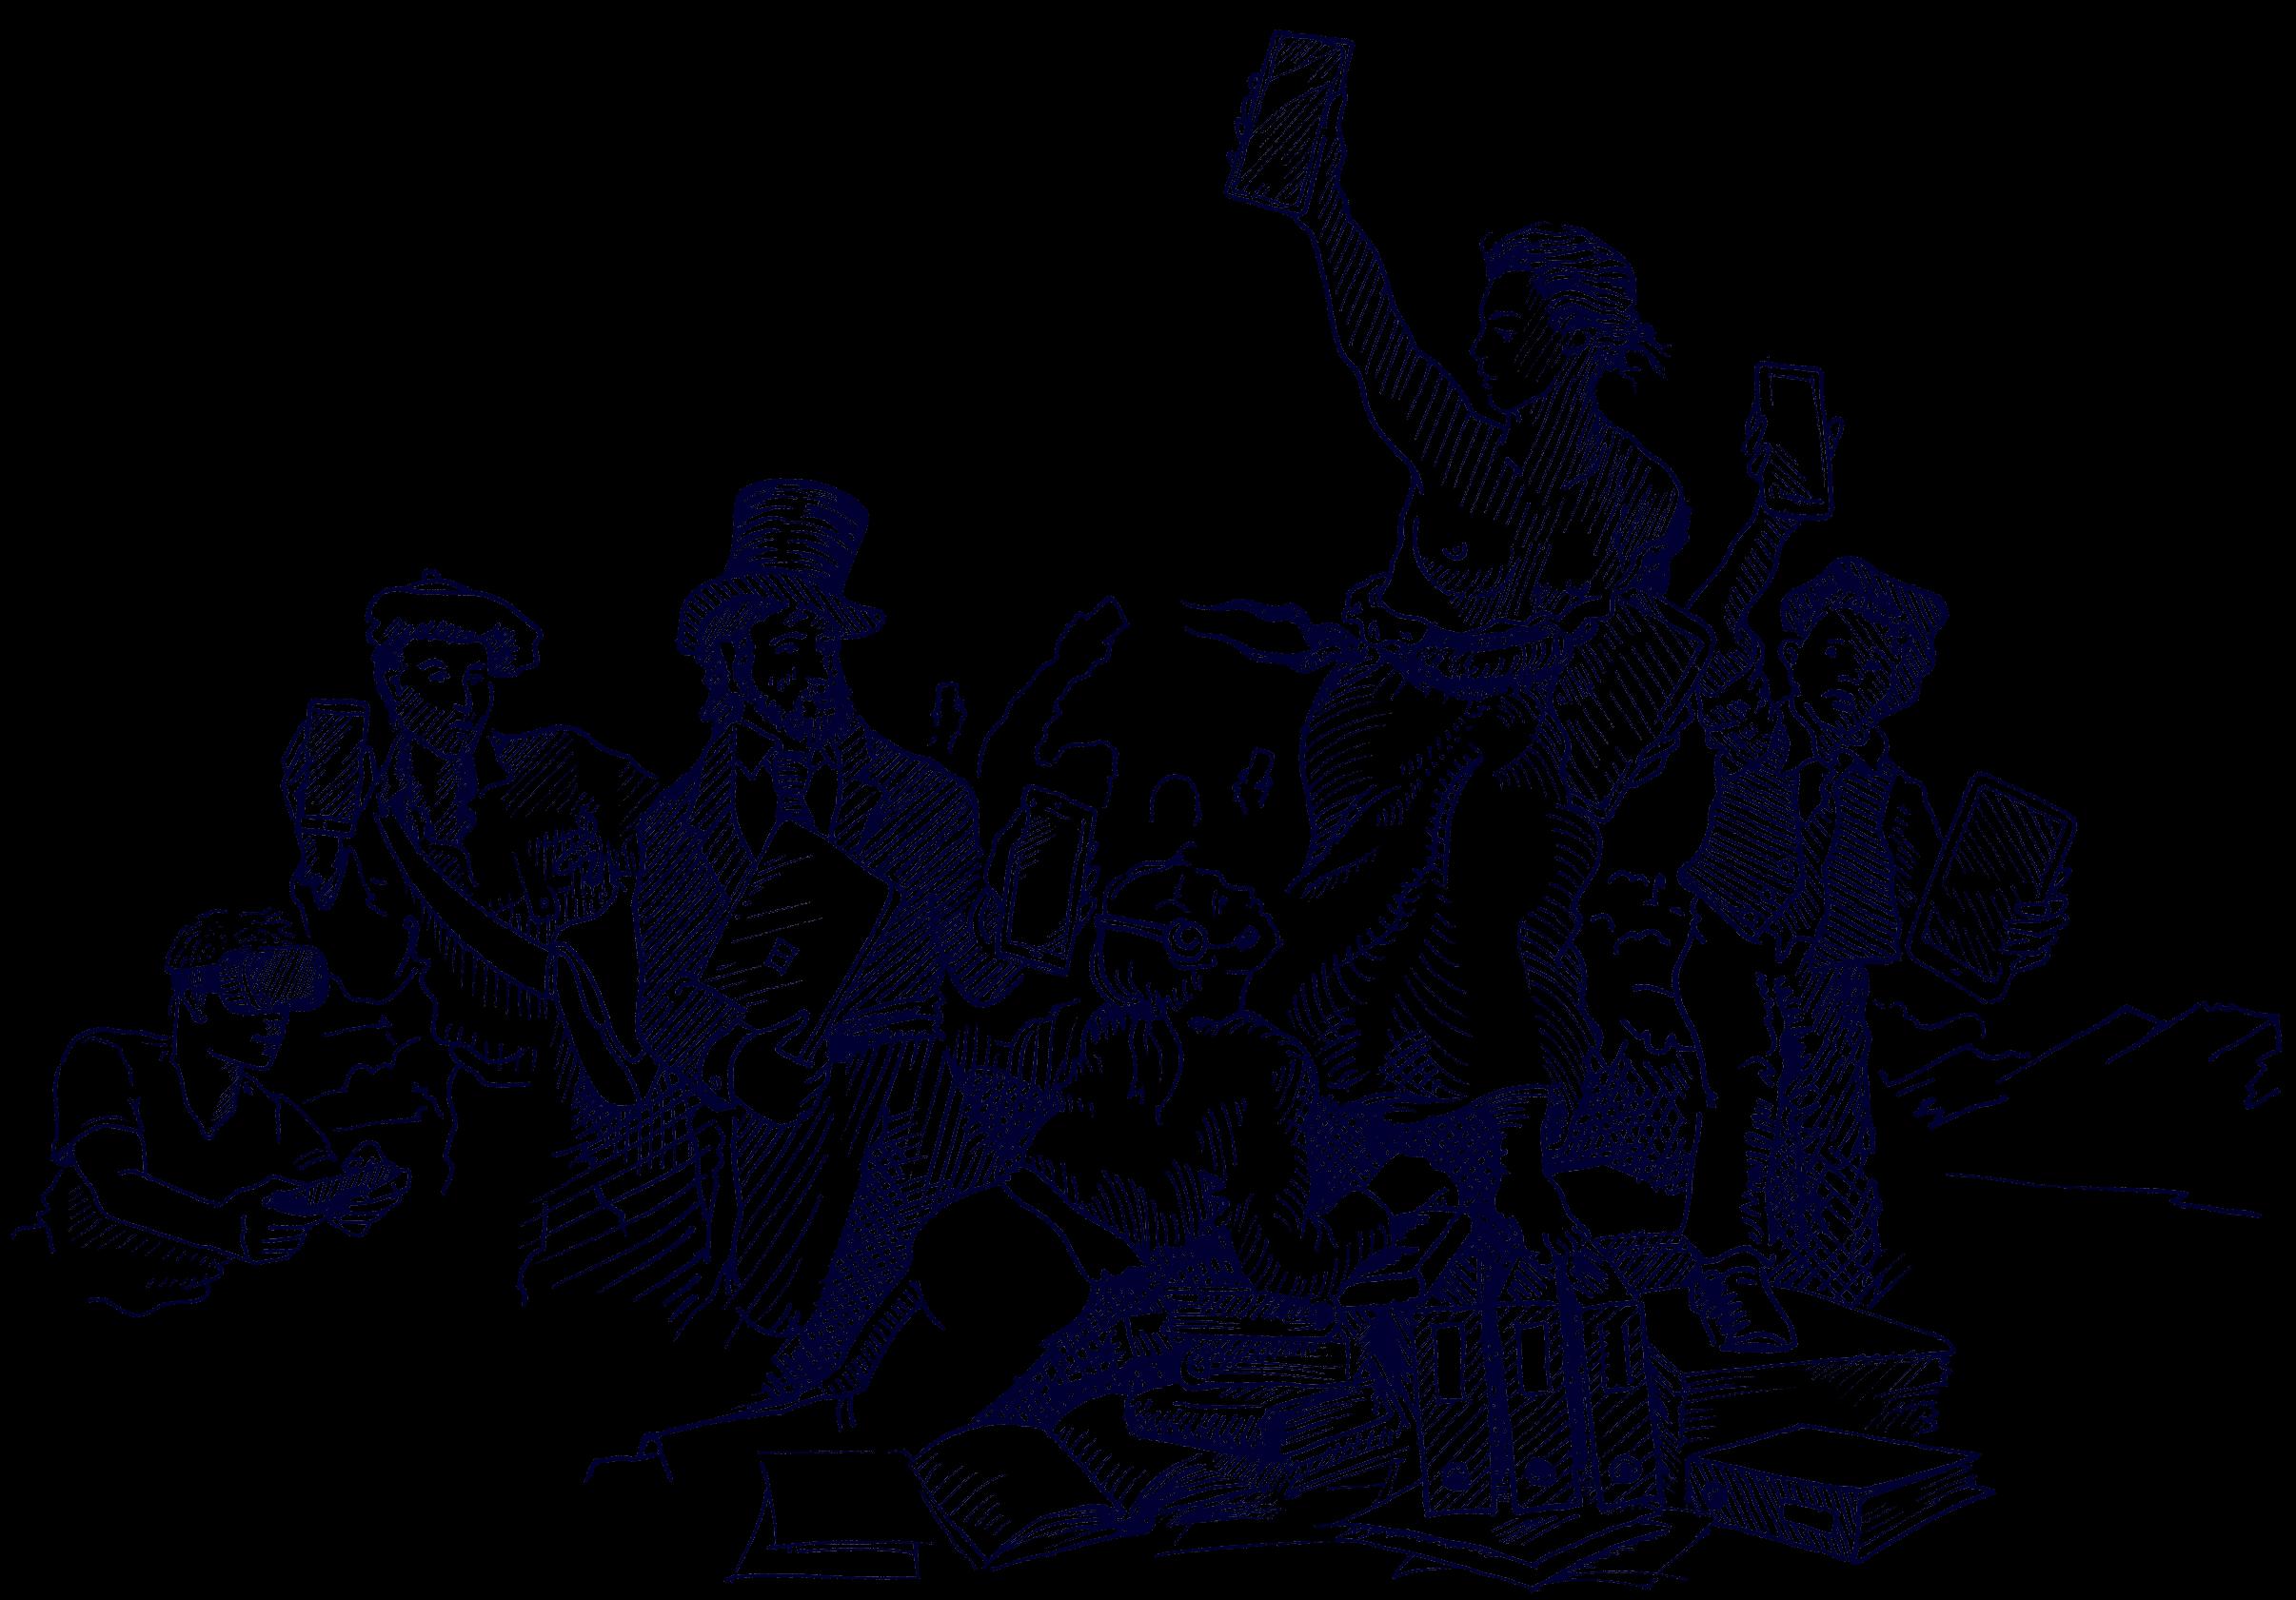 Freiheit | Recht 4.0, Illustration: Karlheinz Wasserbacher